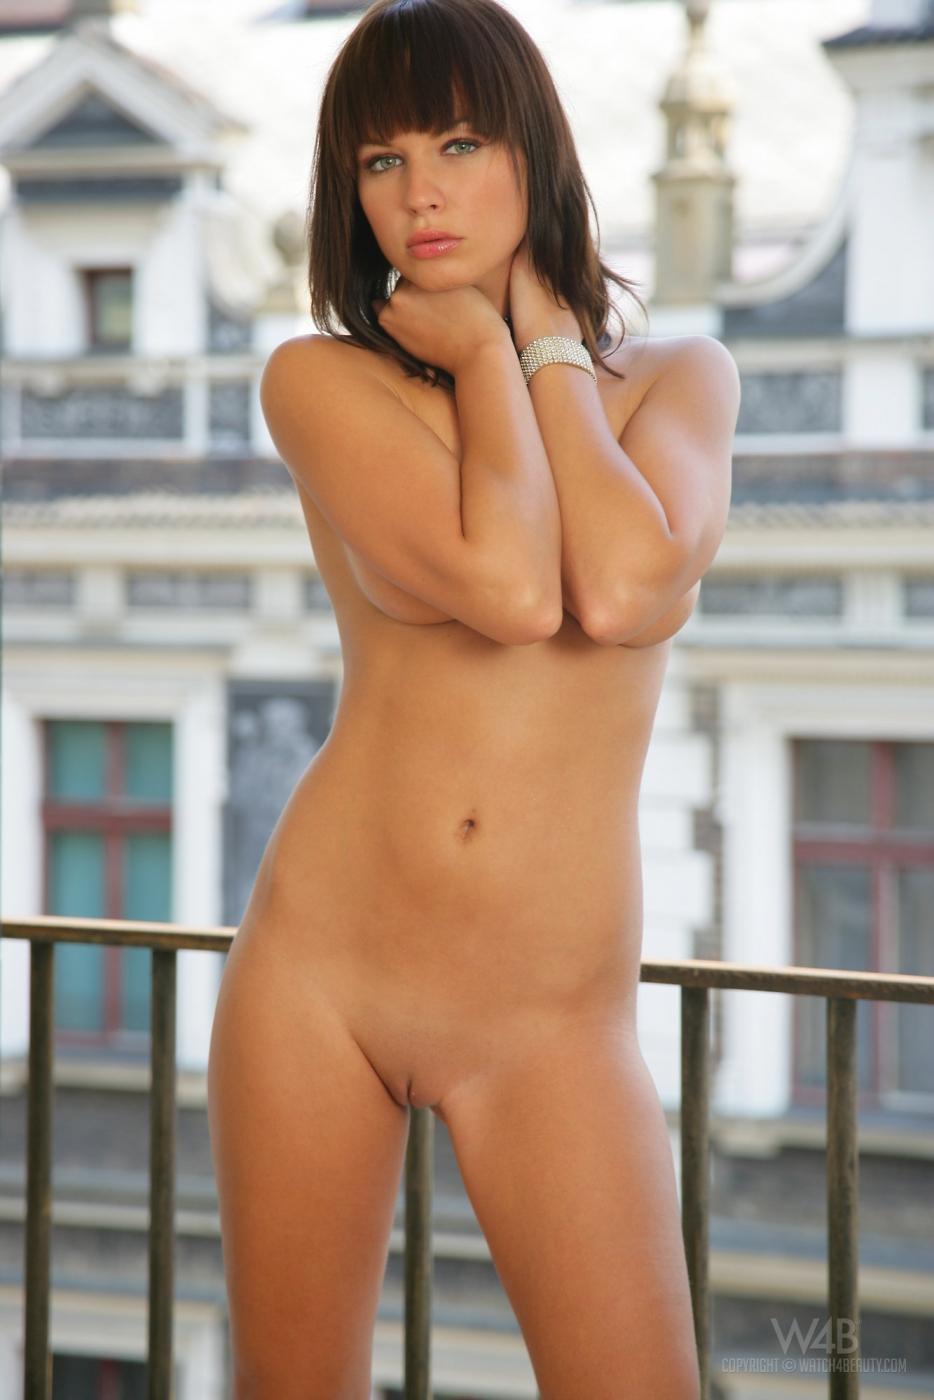 Высокая мадам с невероятно хорошими ногами Samantha Star снимается без трусиков на балконе